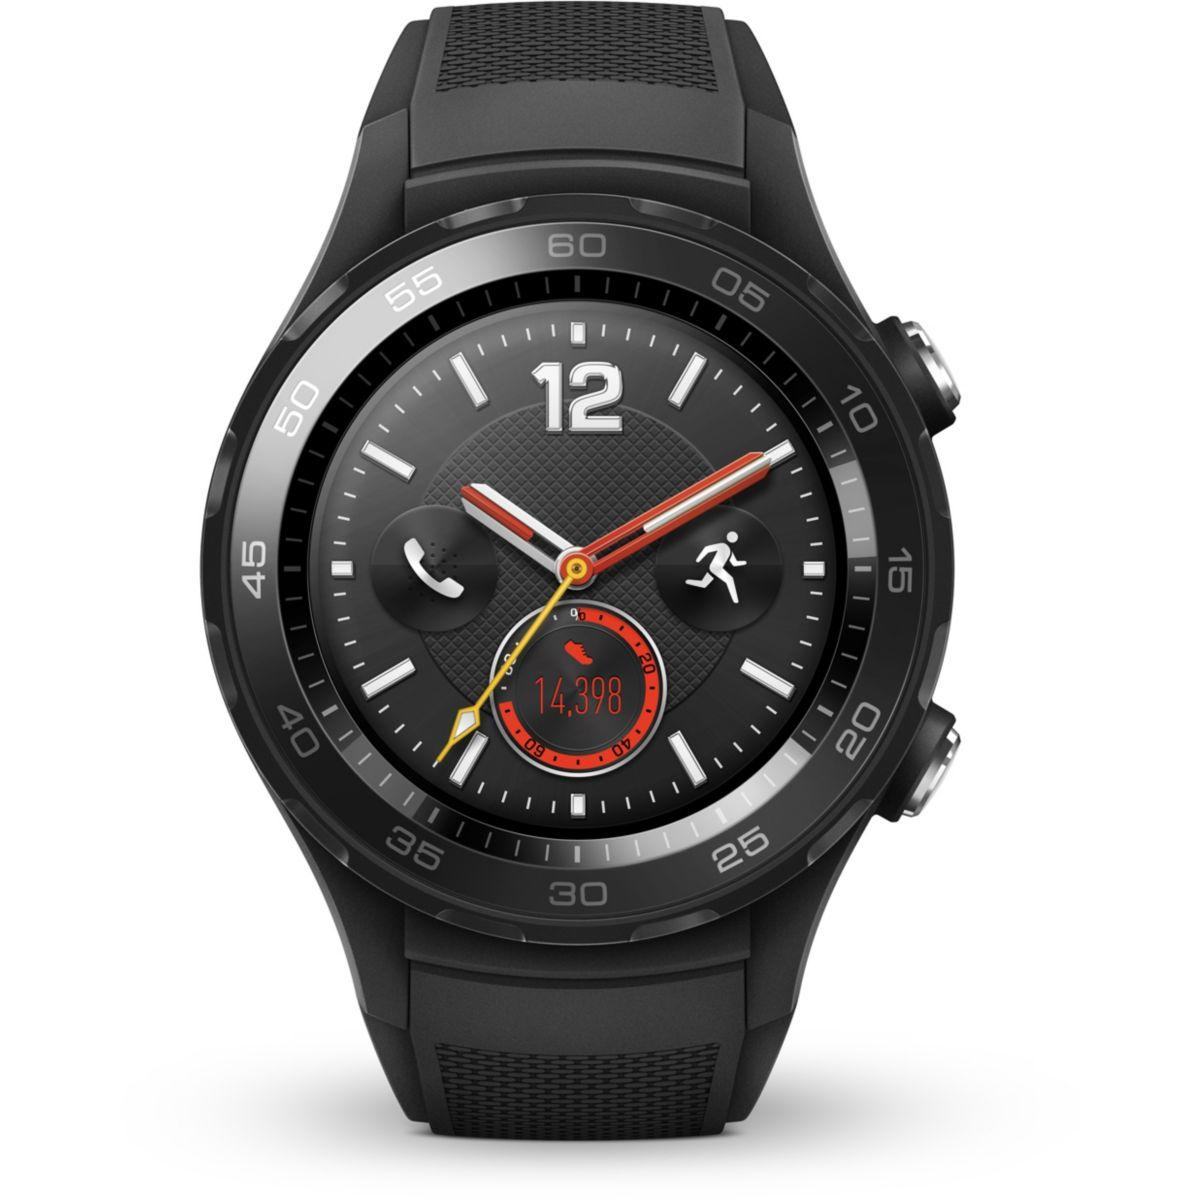 Montre huawei watch 2 sport noir - 7% de remise immédiate avec le code : cool7 (photo)